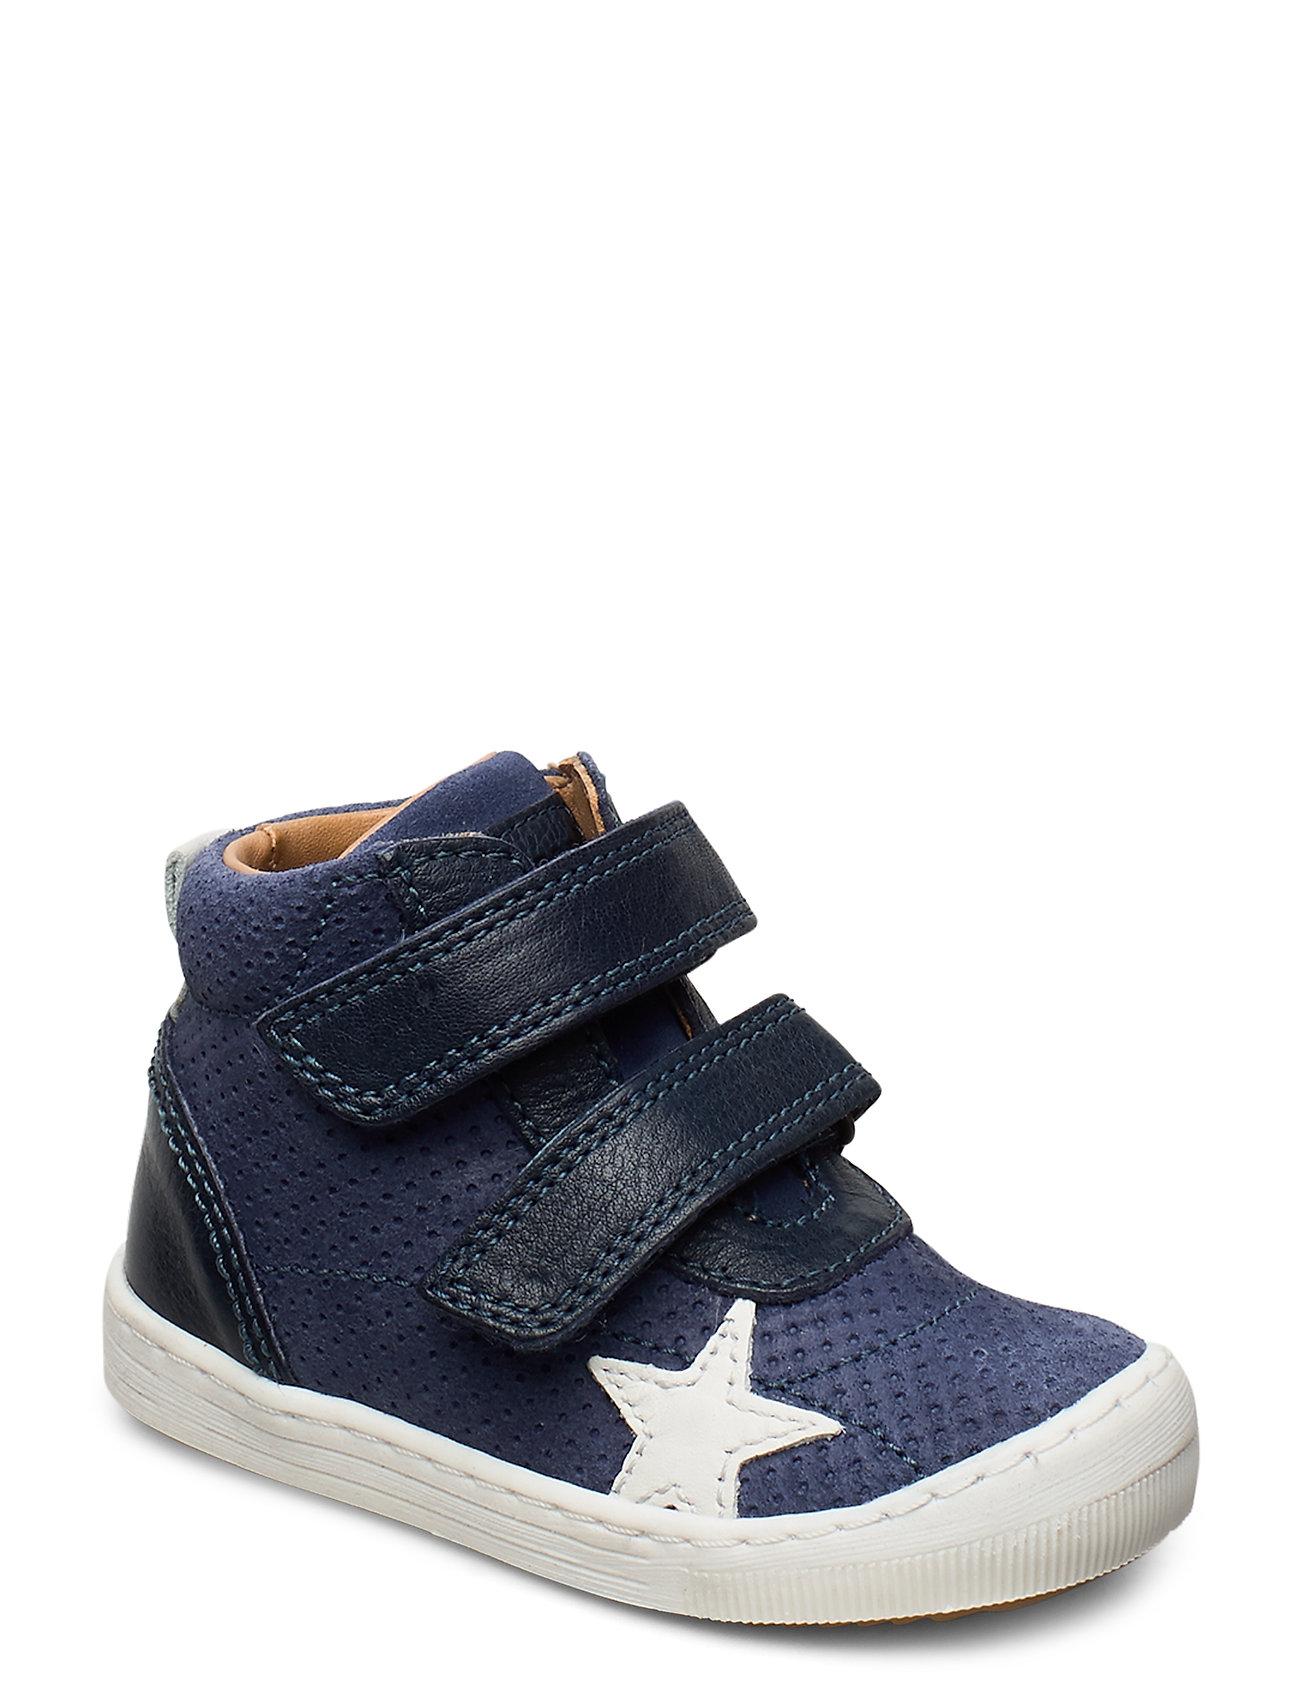 Image of Velcro Shoe Sneakers Sko Blå Bisgaard (3419557063)